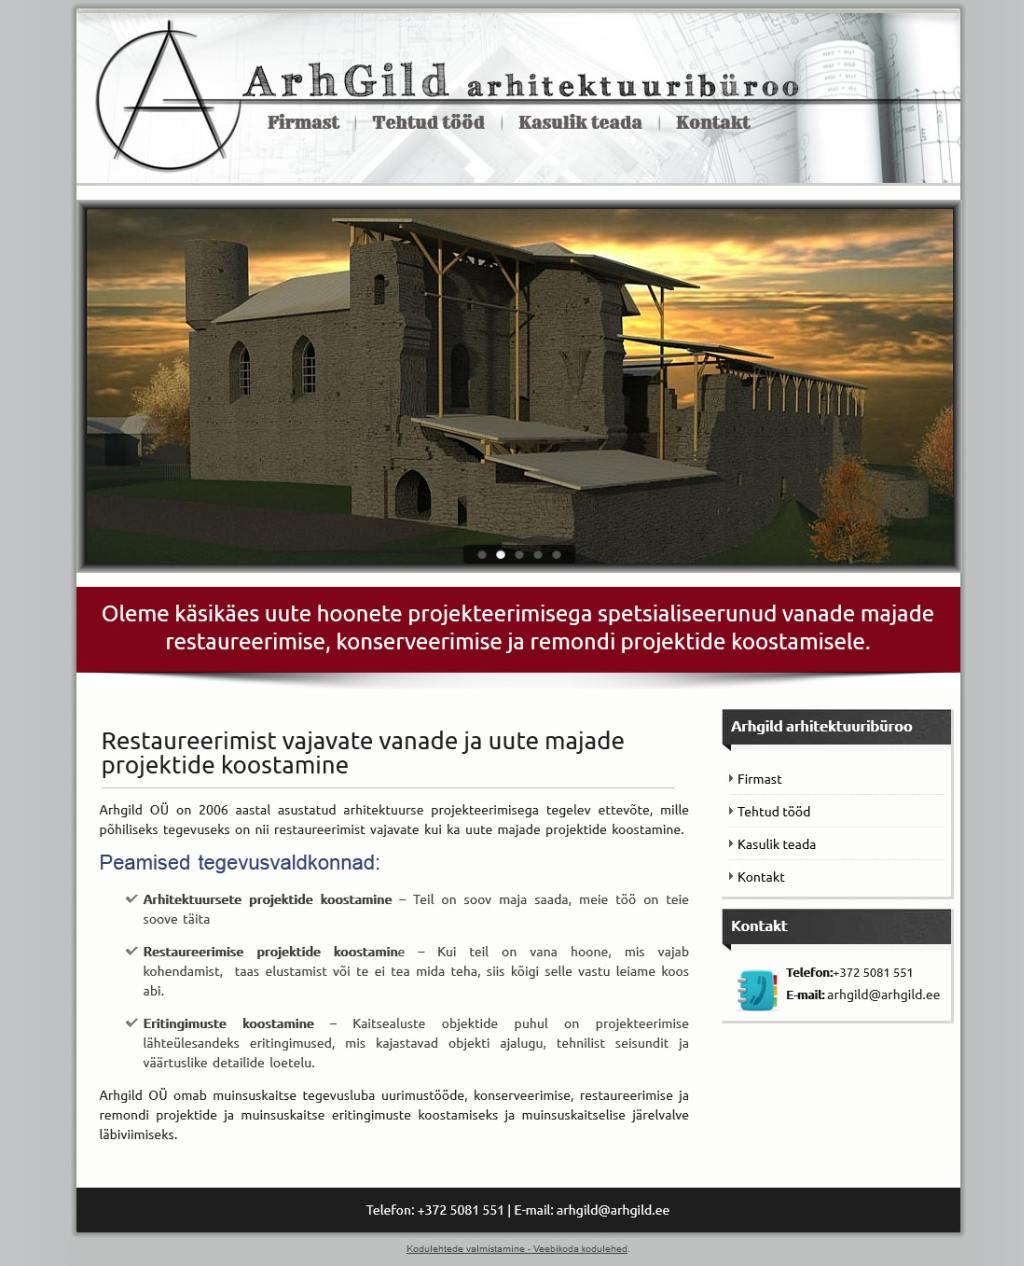 Veebilehe valmistamine - Arhitektuuribüroo Arhgild